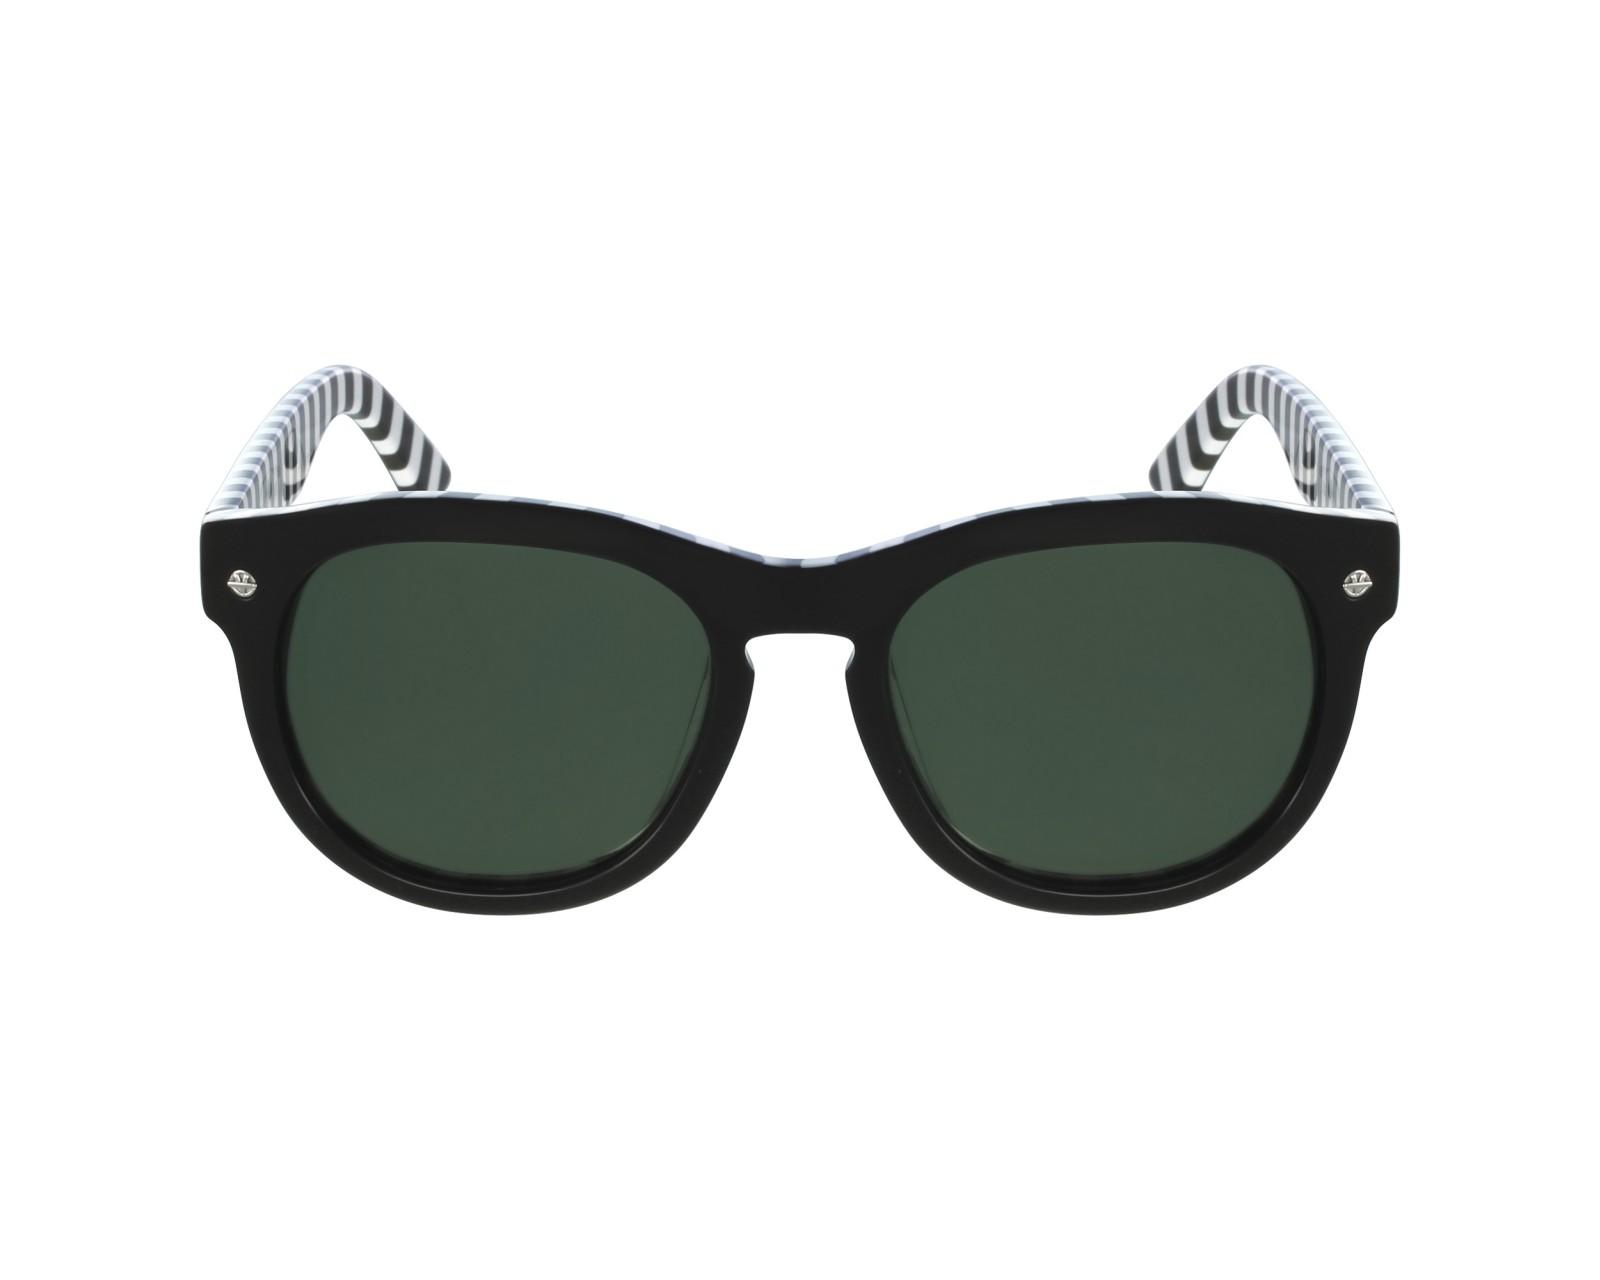 Lunettes de soleil vuarnet vl 1504 0001 noir avec des verres gris - Verre lunette raye assurance ...